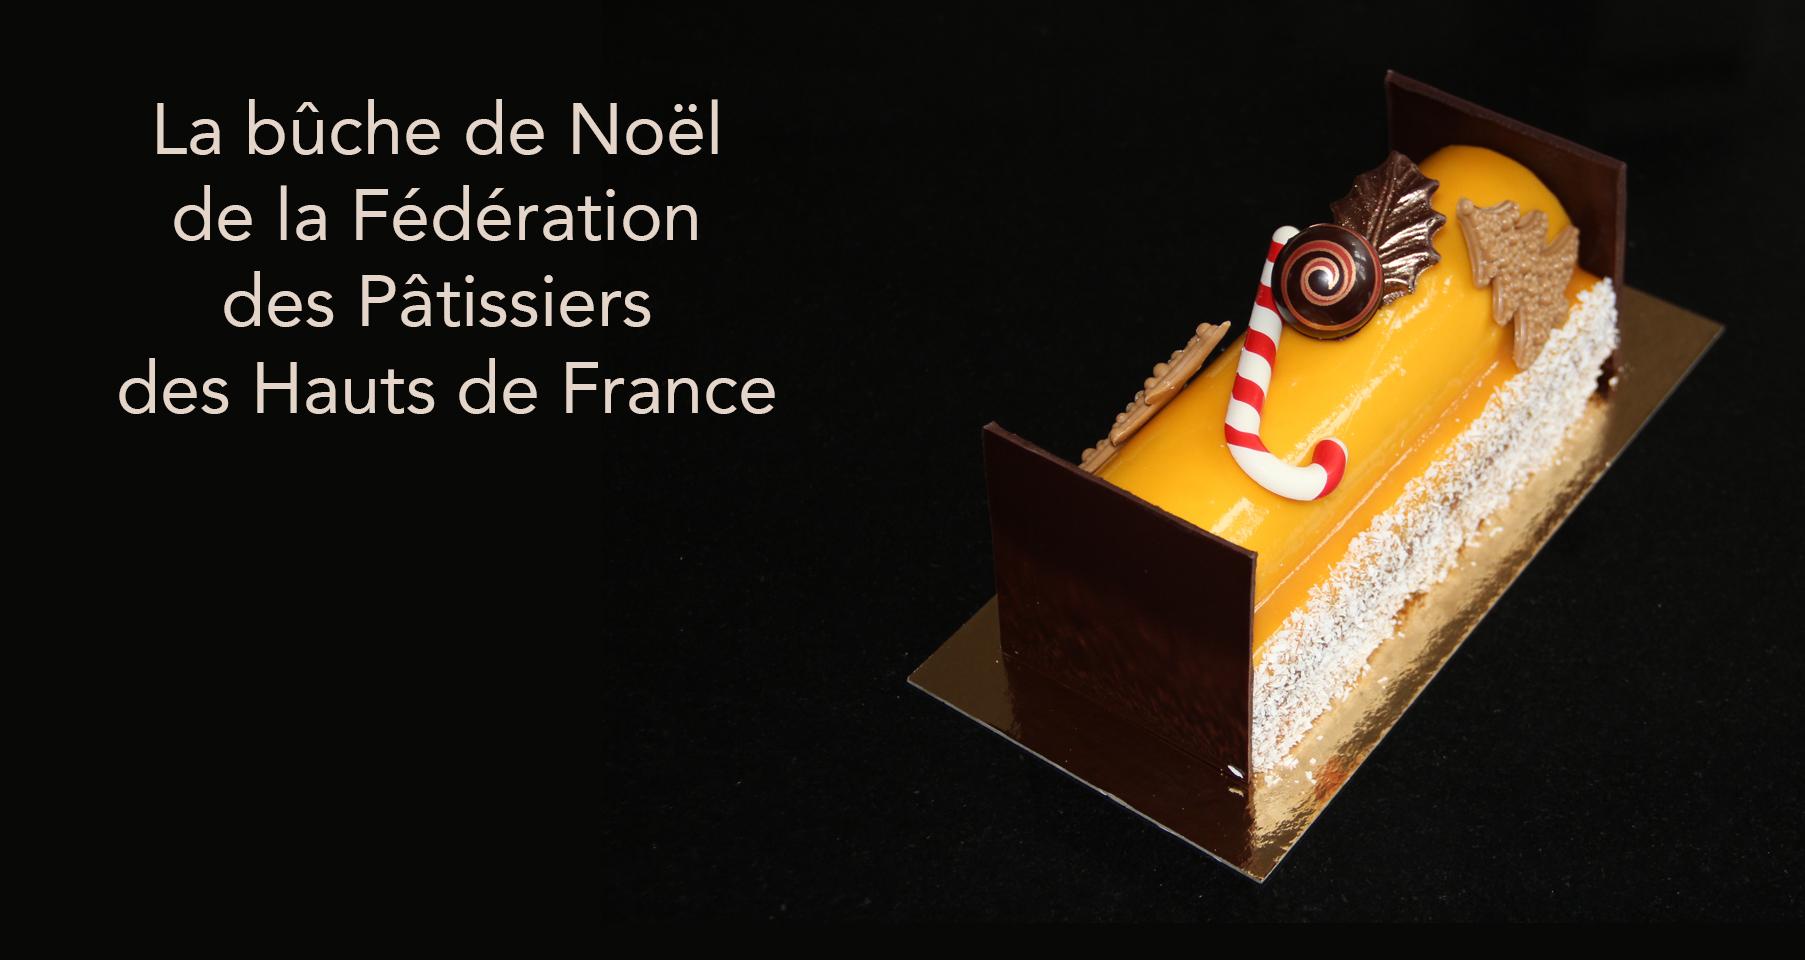 Les fêtes de Noël avec la Fédération des Pâtissiers des Hauts-de-France